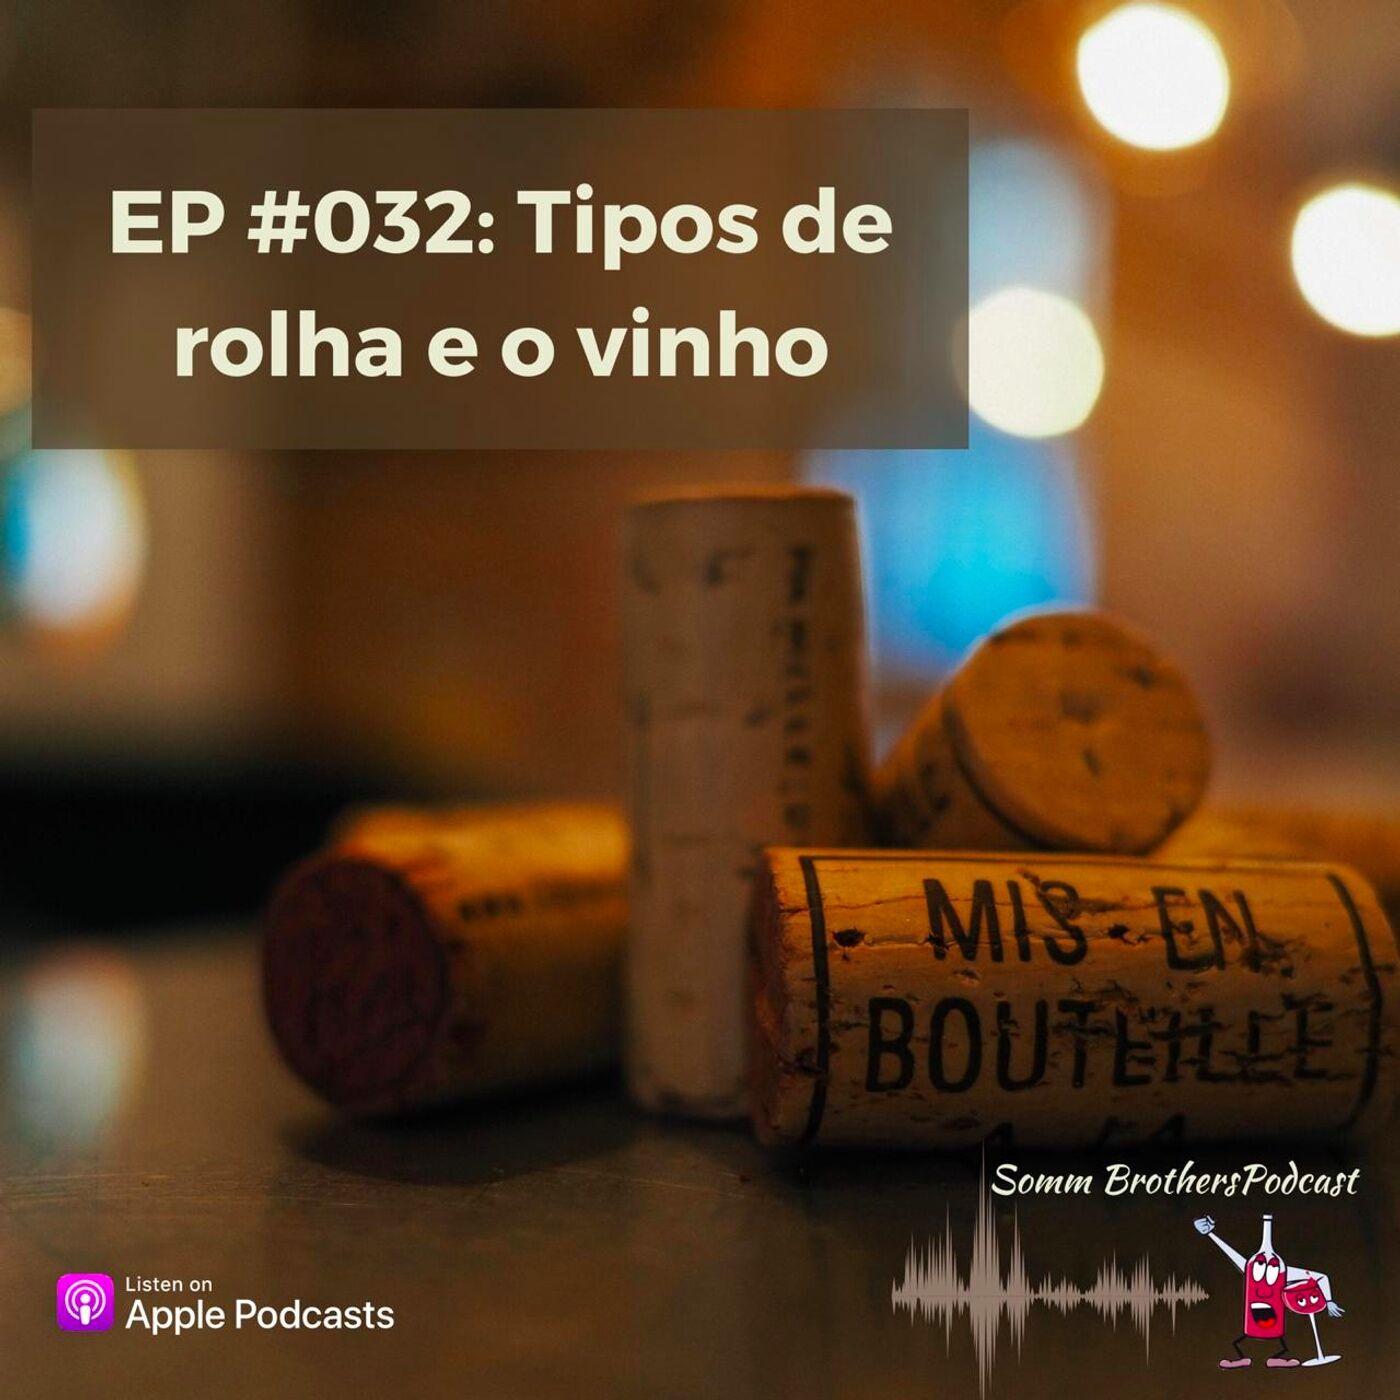 EP #032 - Tipos de rolha e o vinho